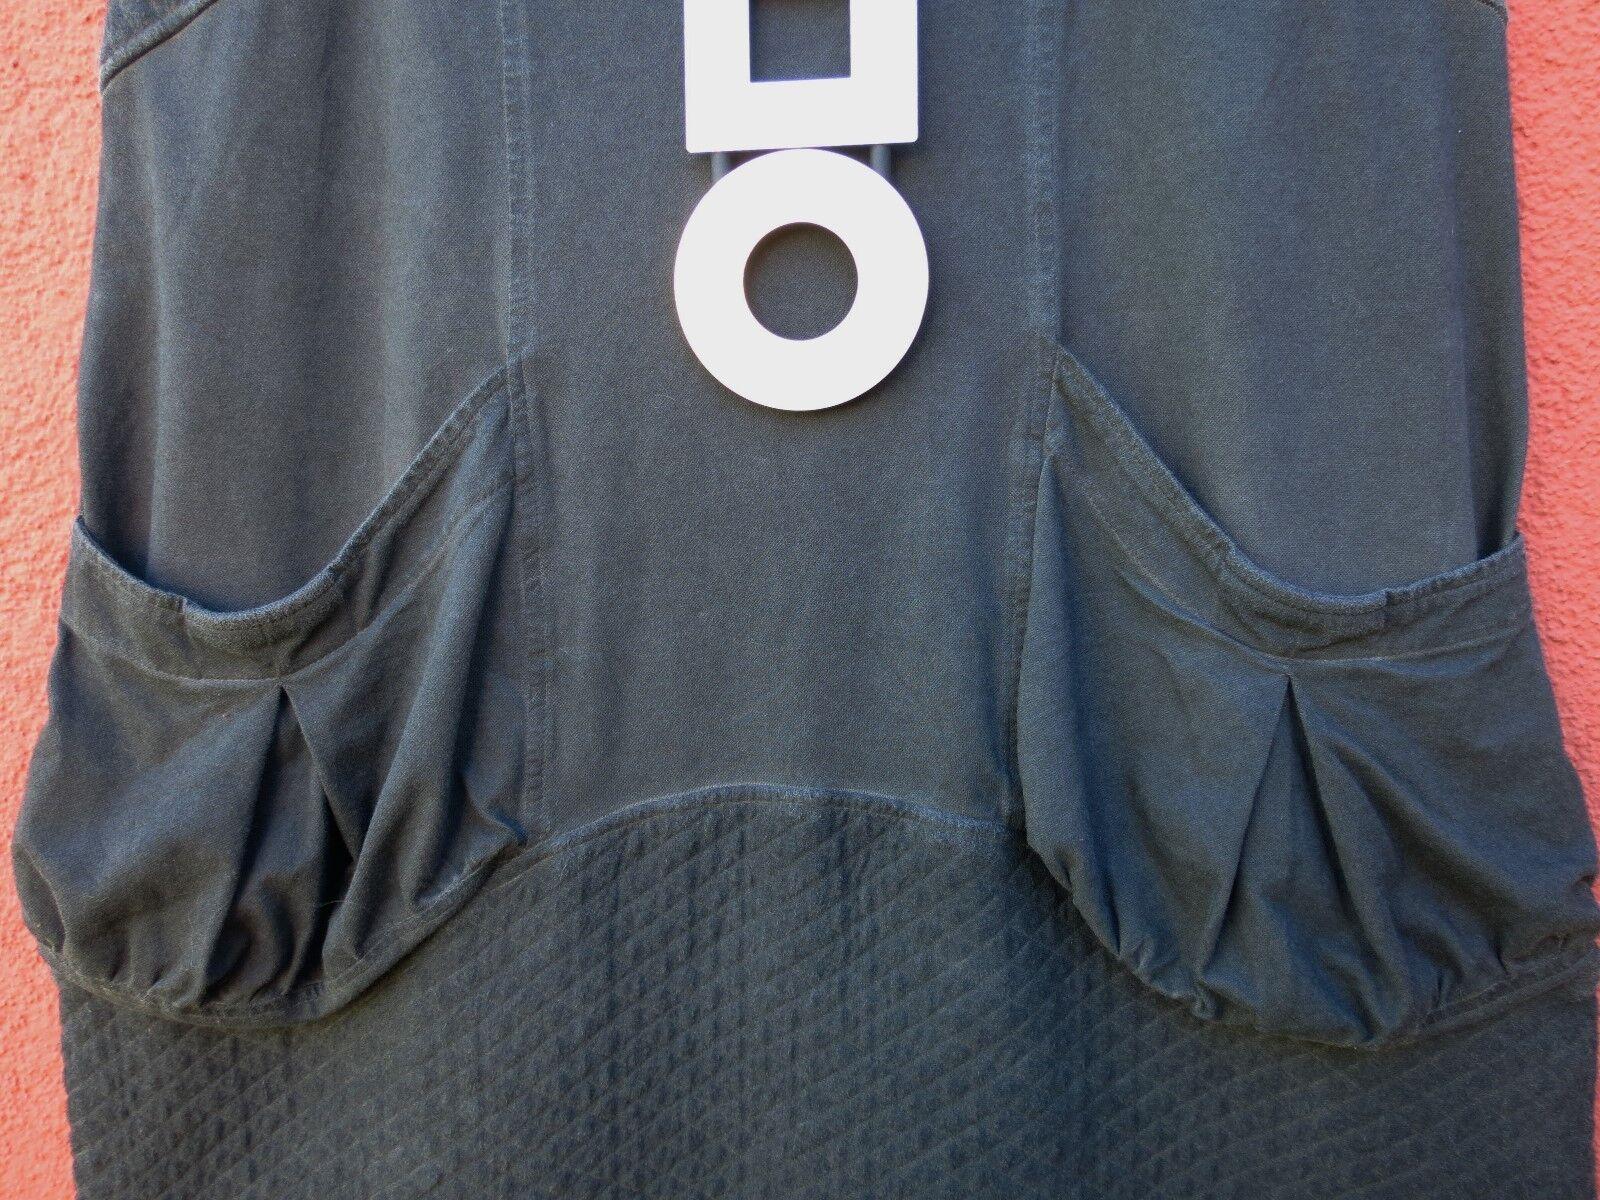 NUOVO Autunno KEKOO Vestito Dress tunica tunica tunica tunic TUNIQUE XL 48 50 Lagenlook b5ff34